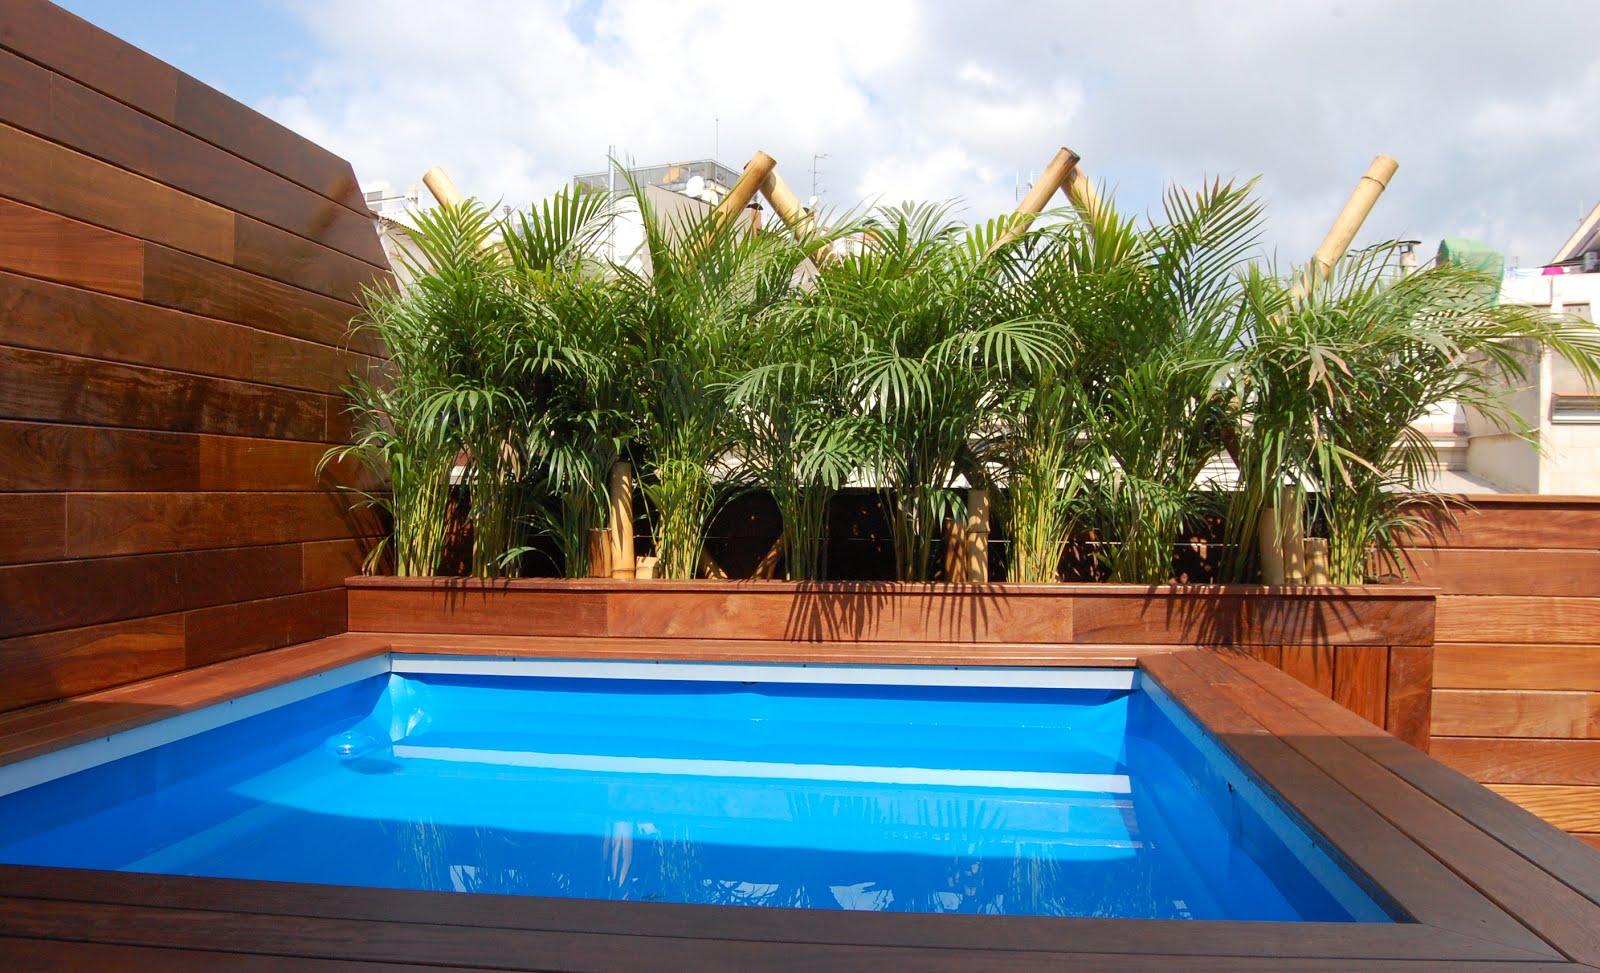 Terraza con piscina guia de jardin for Piscinas pequenas para terrazas